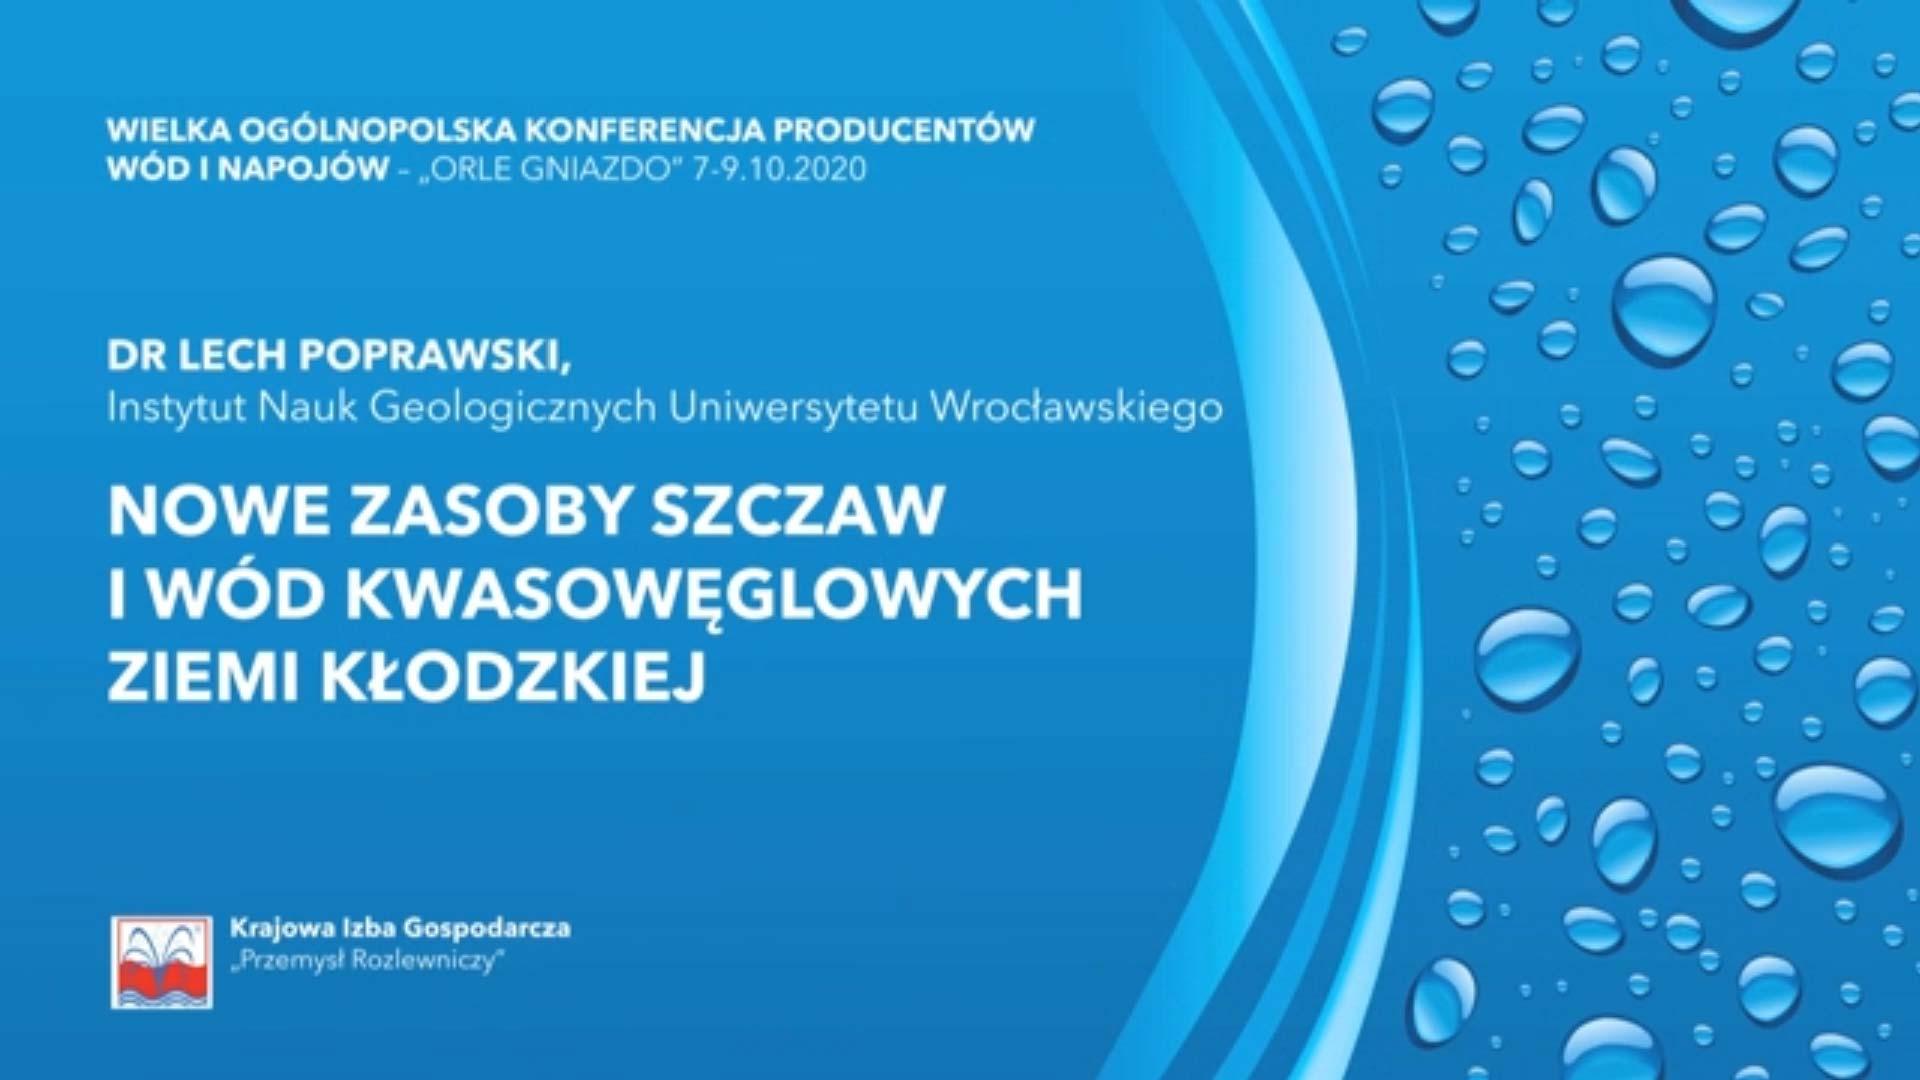 Dr Lech Poprawski - Nowe zasoby szczaw ziemi kłodzkiej